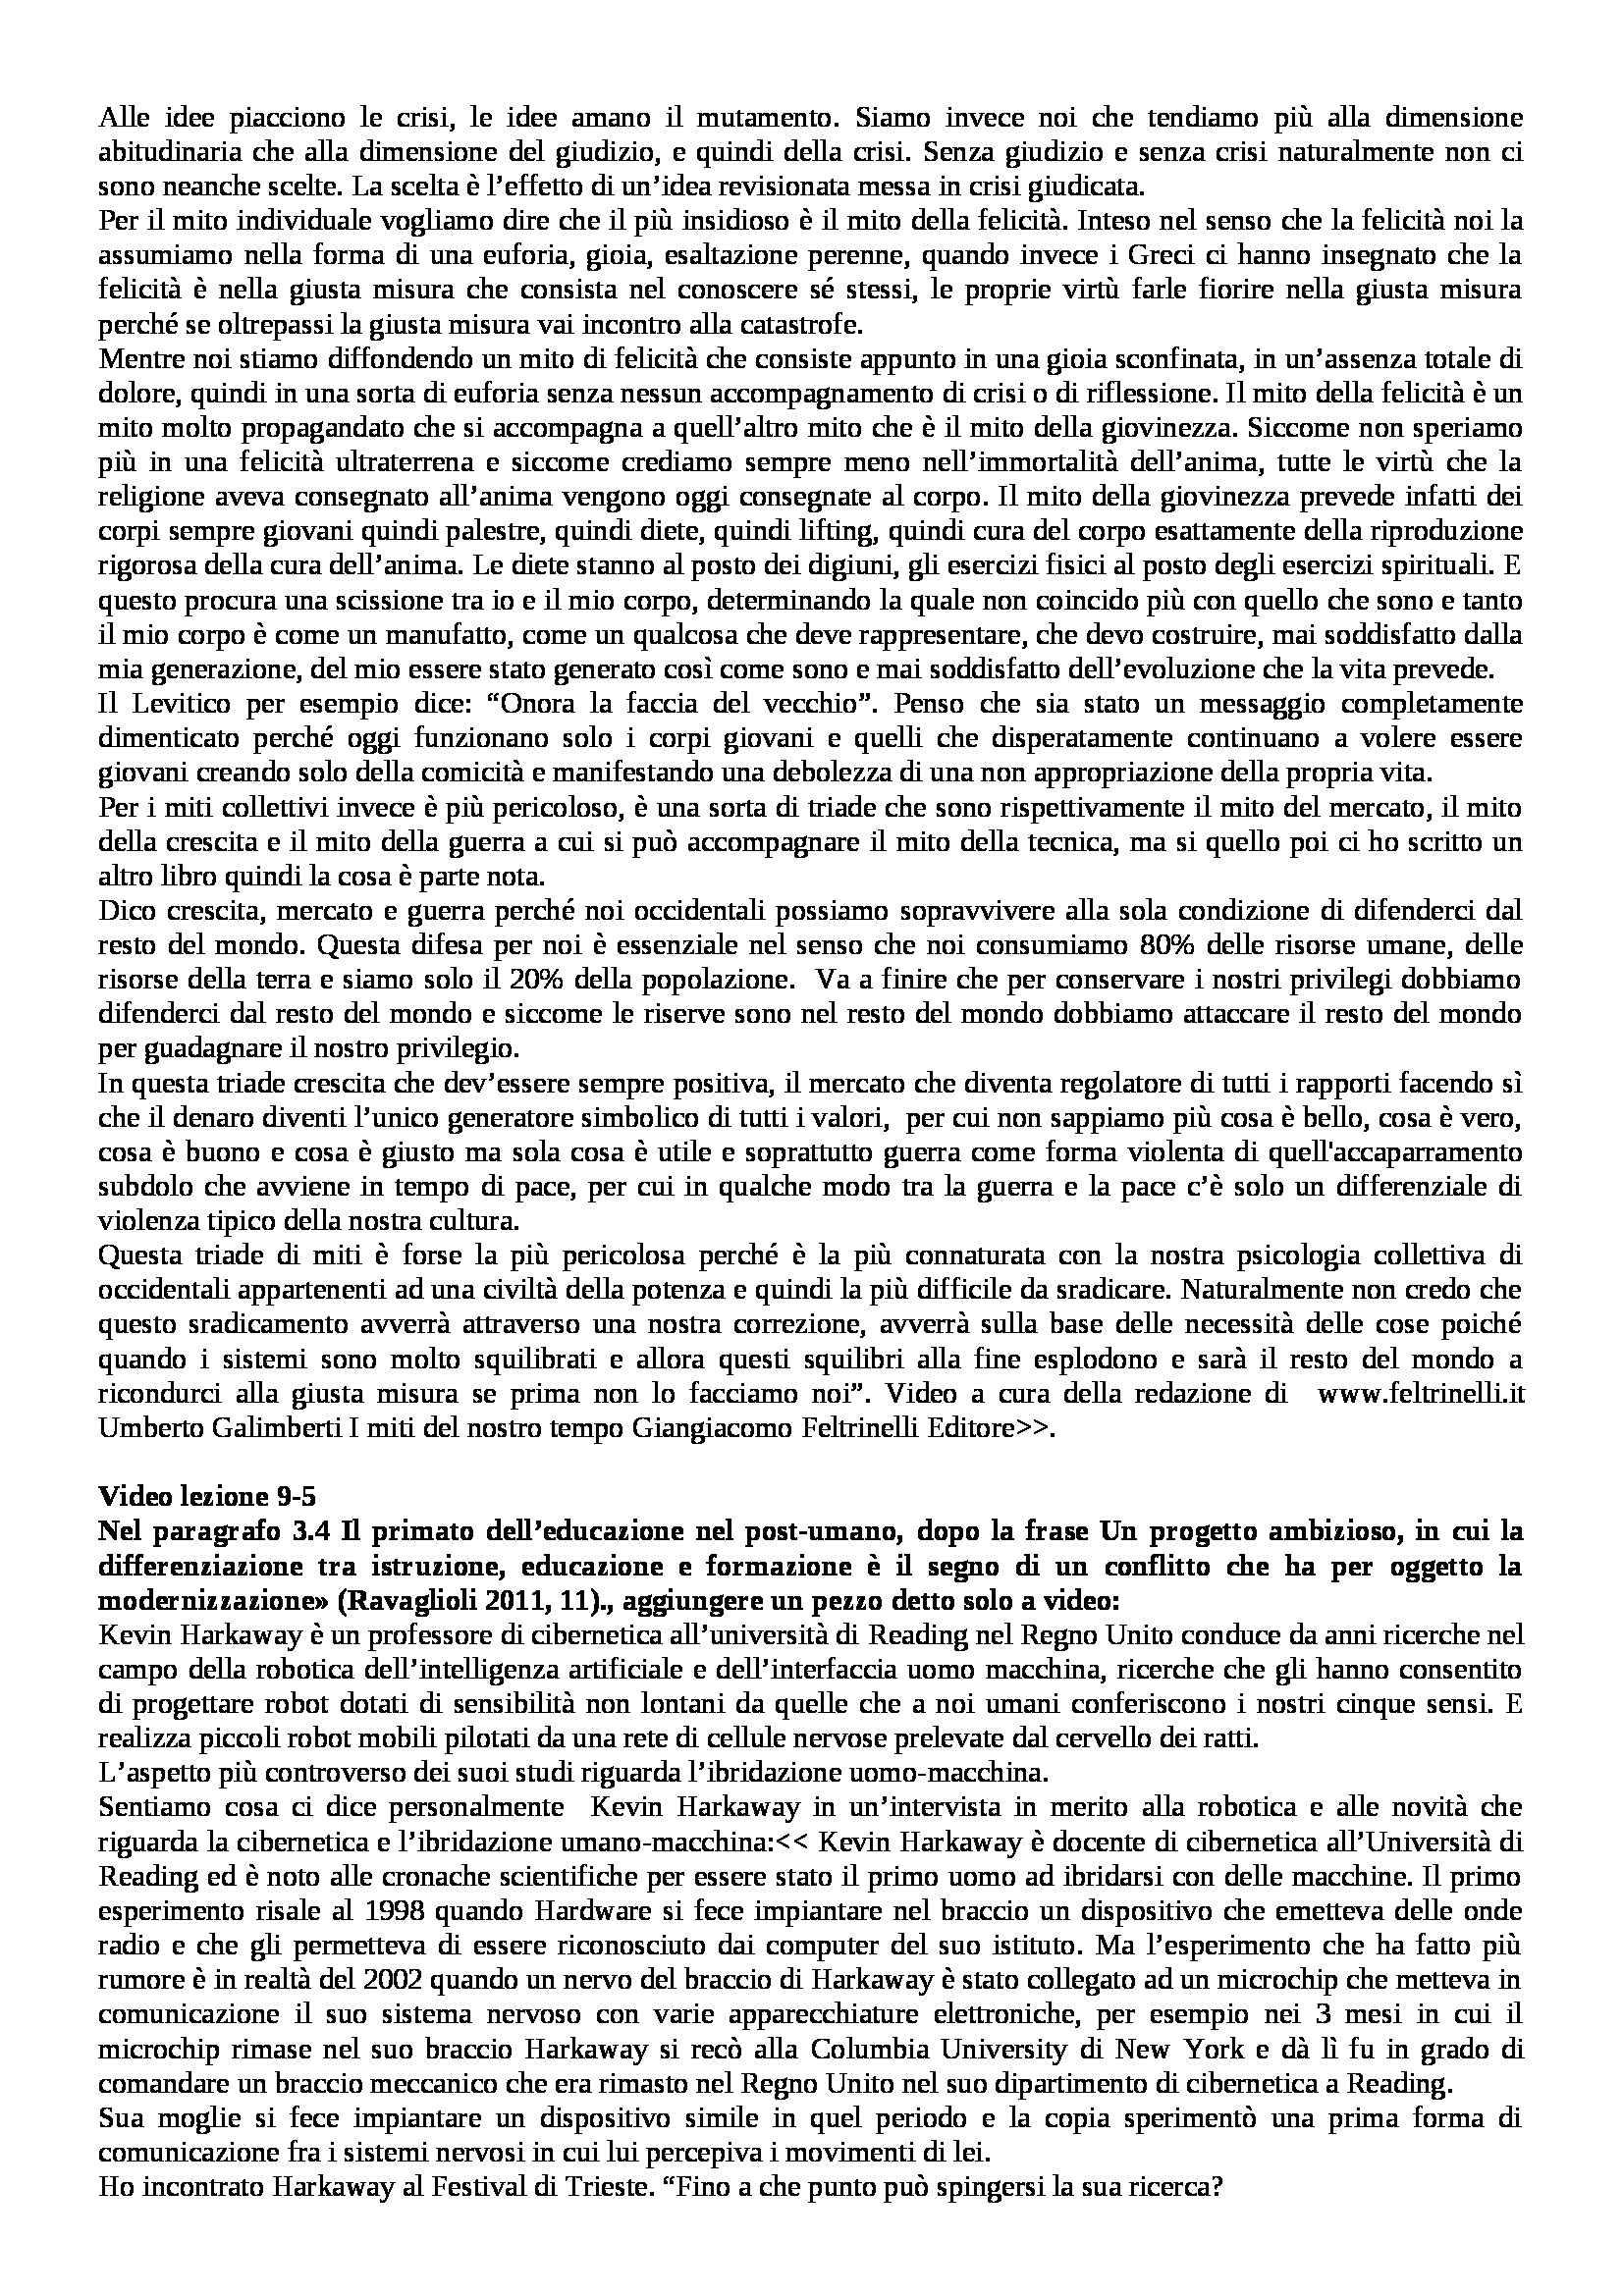 Storia sociale dell'educazione - Appunti Pag. 61